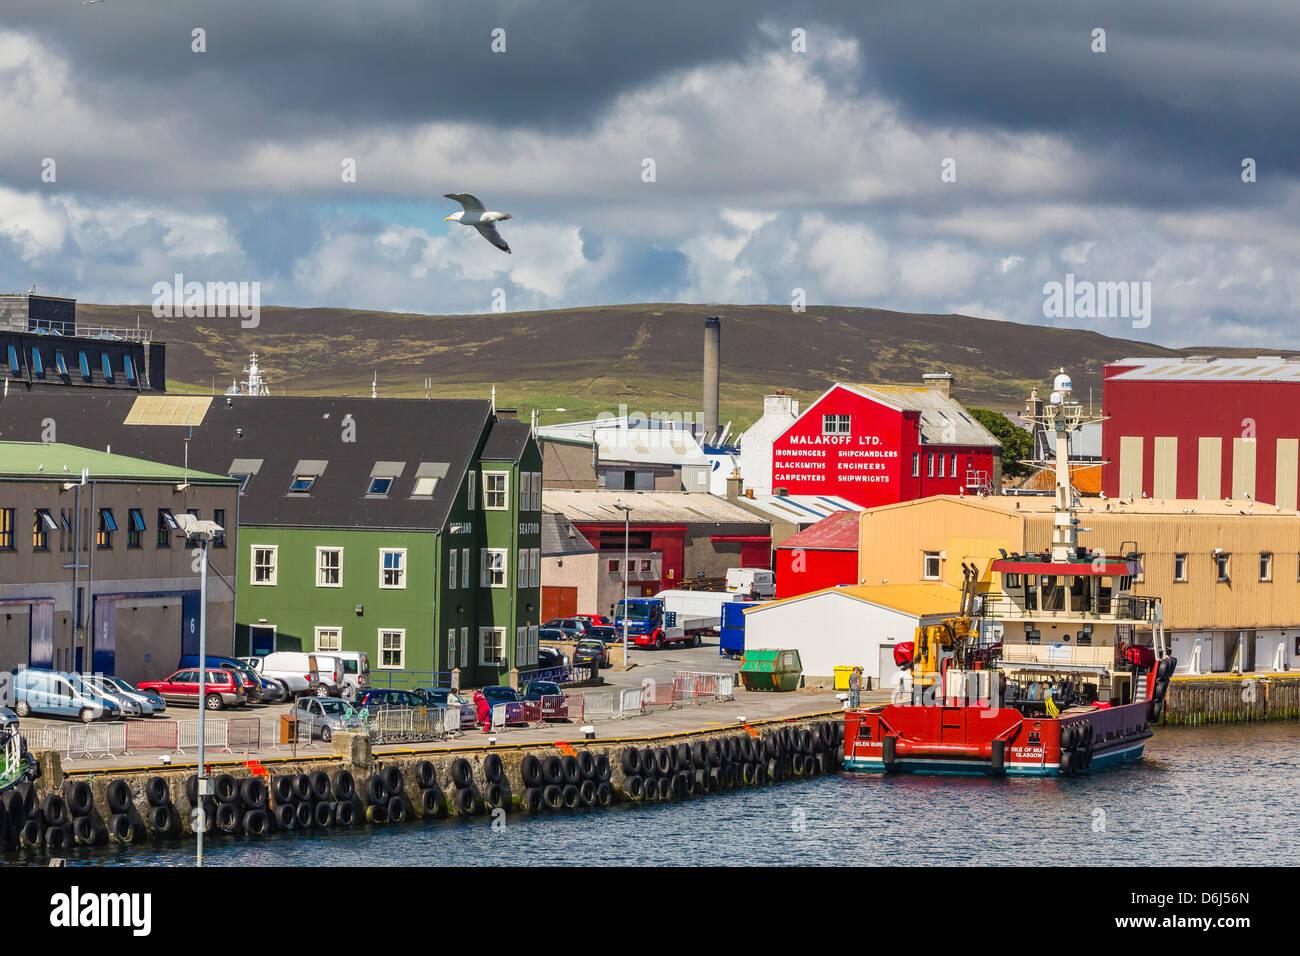 Blick auf den Hafen von Lerwick, Shetland Islands, Schottland, Vereinigtes Königreich, Europa Stockbild